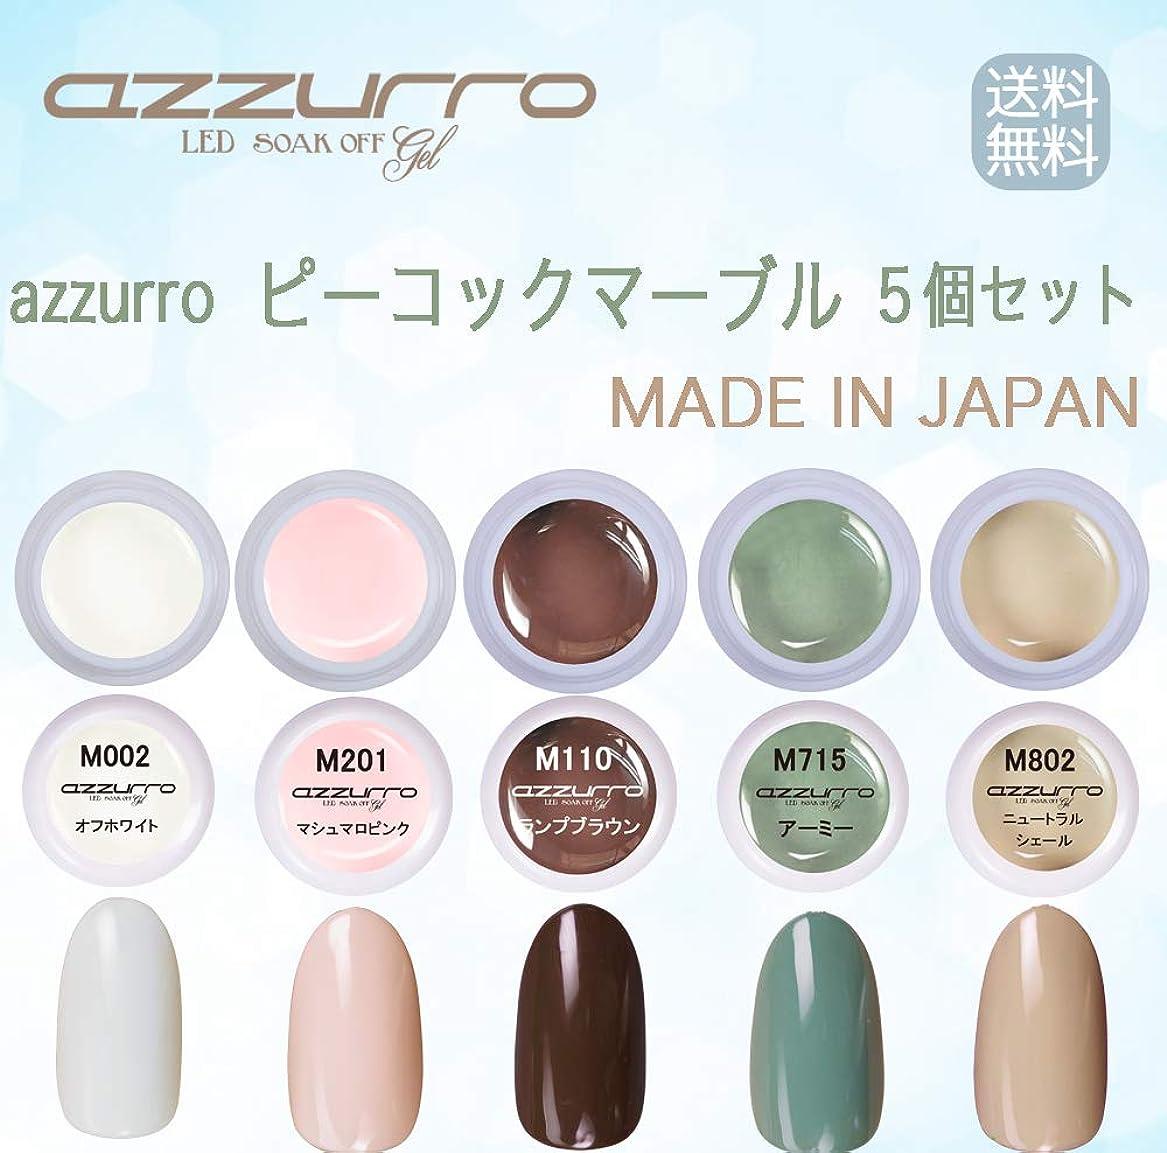 骨矩形サイクロプス【送料無料】日本製 azzurro gel ピーコックマーブルカラージェル5個セット 簡単でおしゃれにアートができるフェザーマーブルカラー